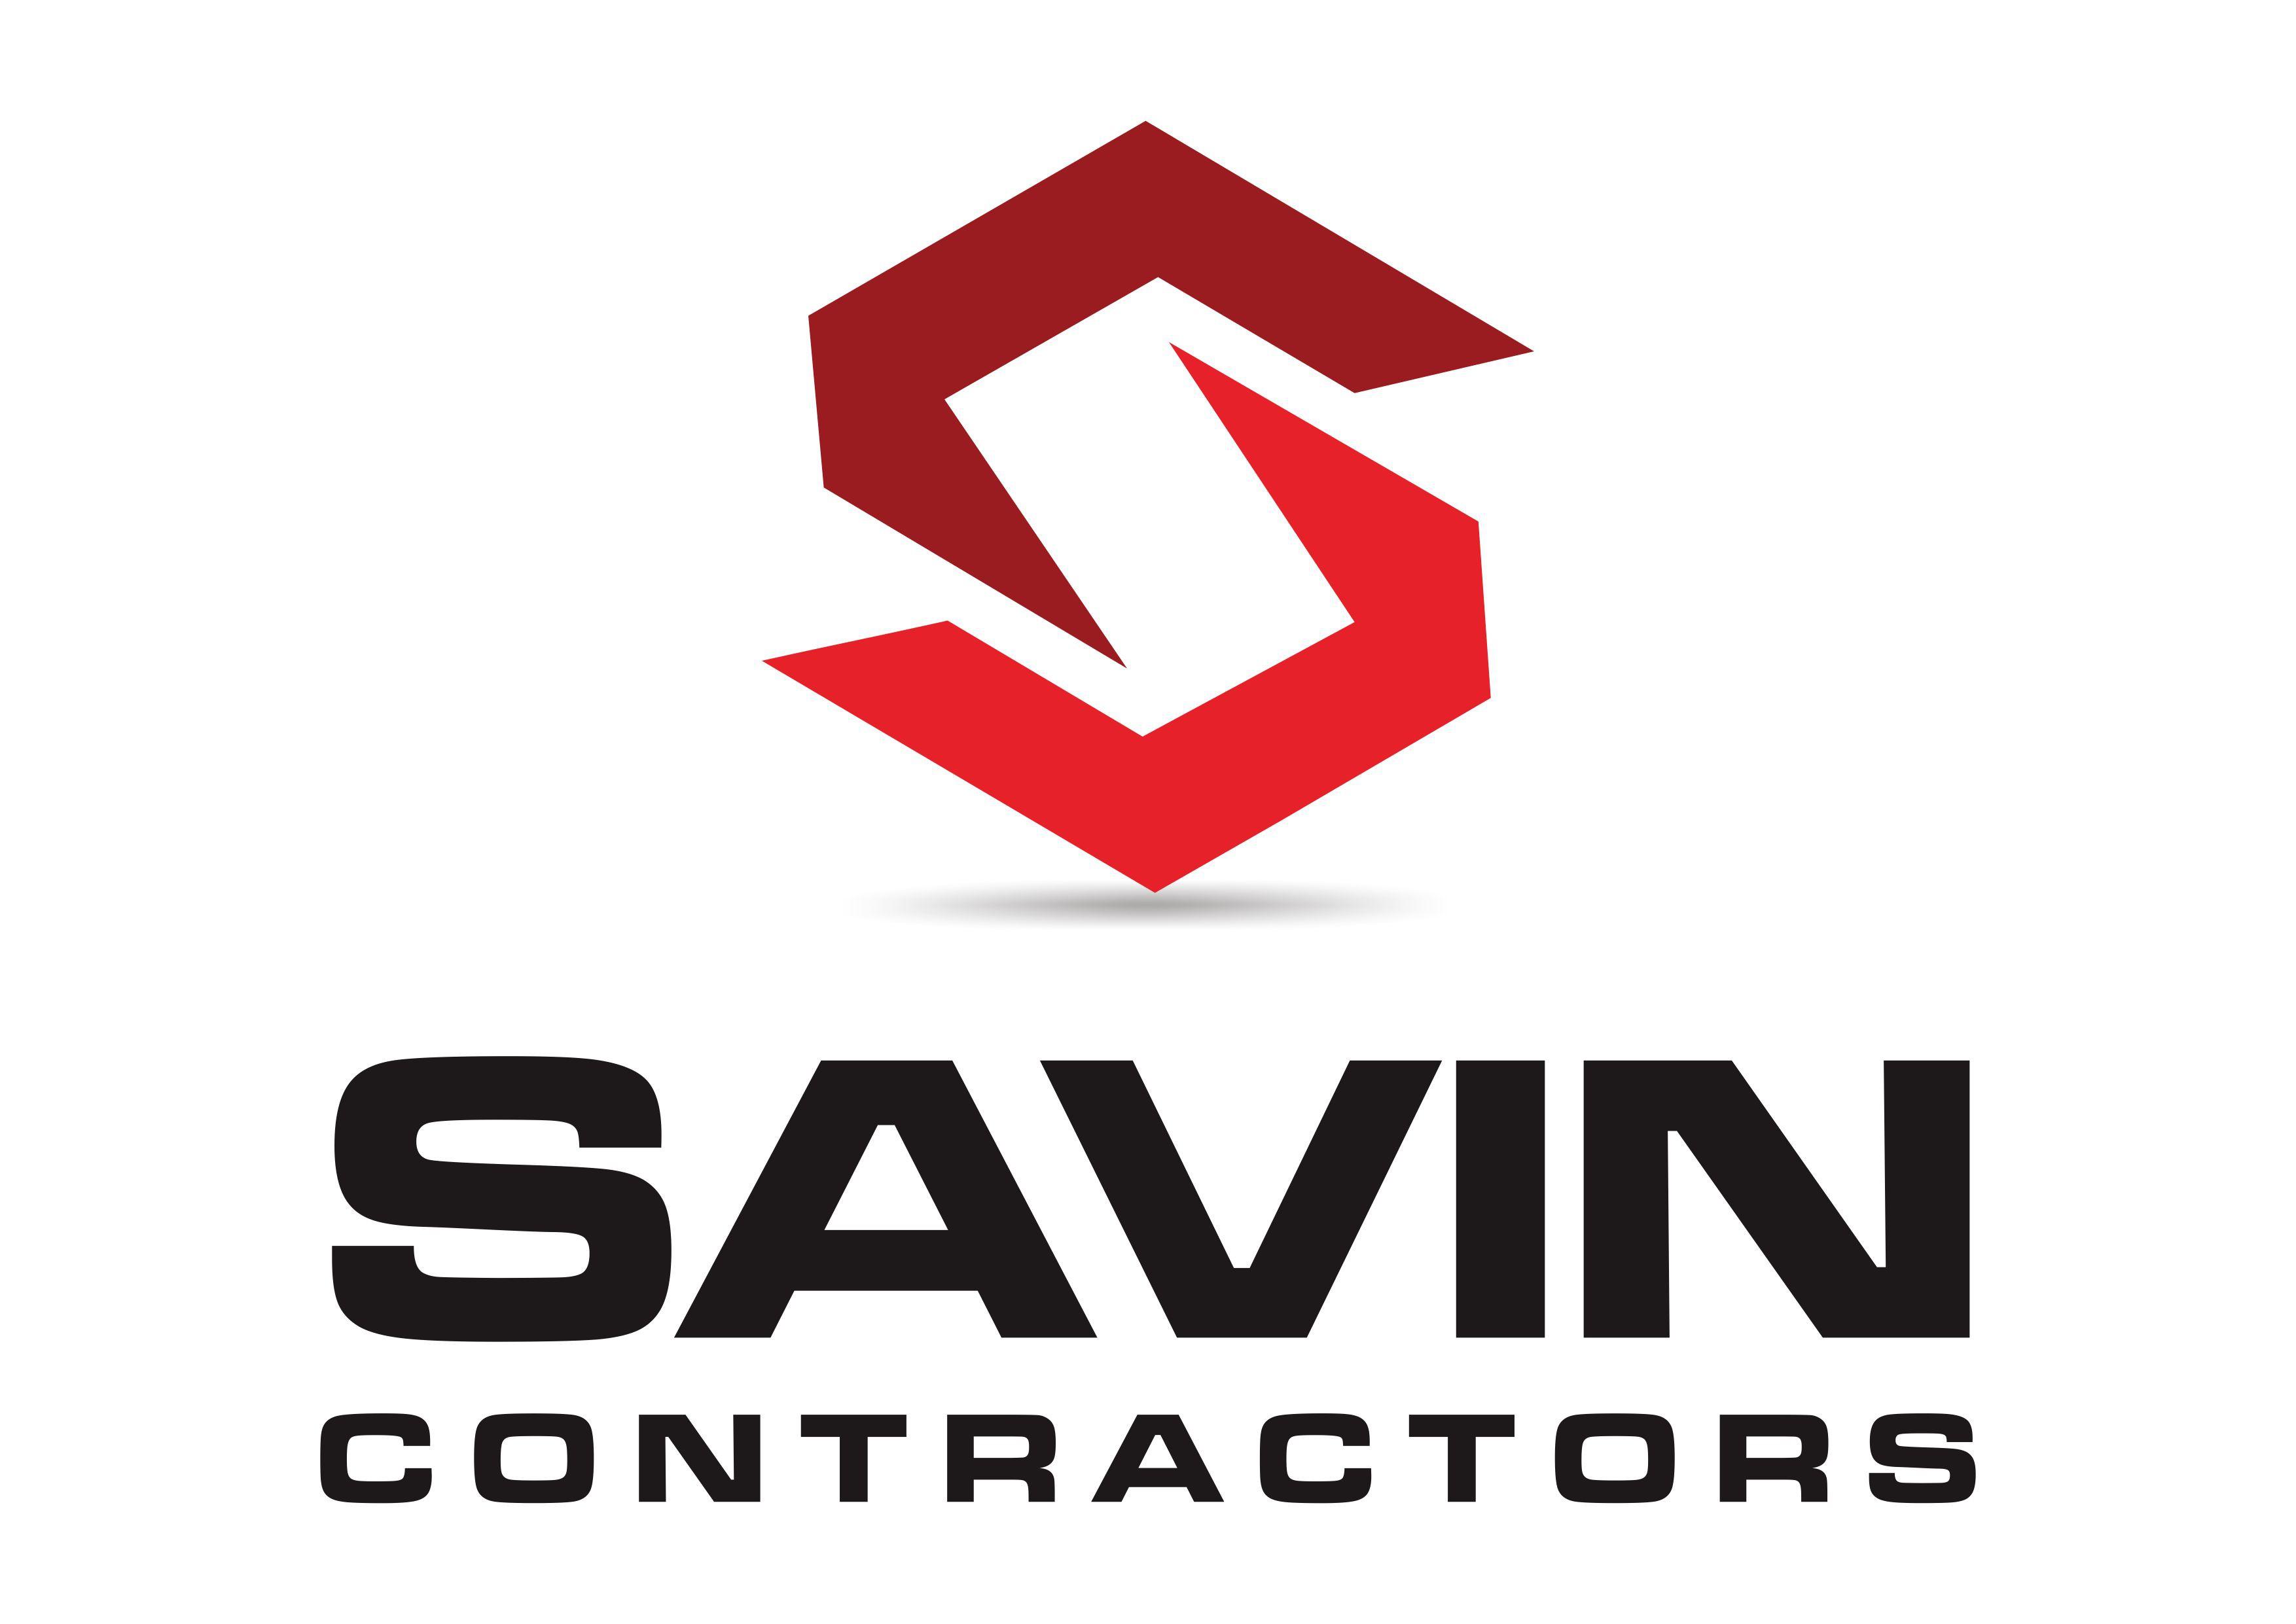 small construction company needs a logo